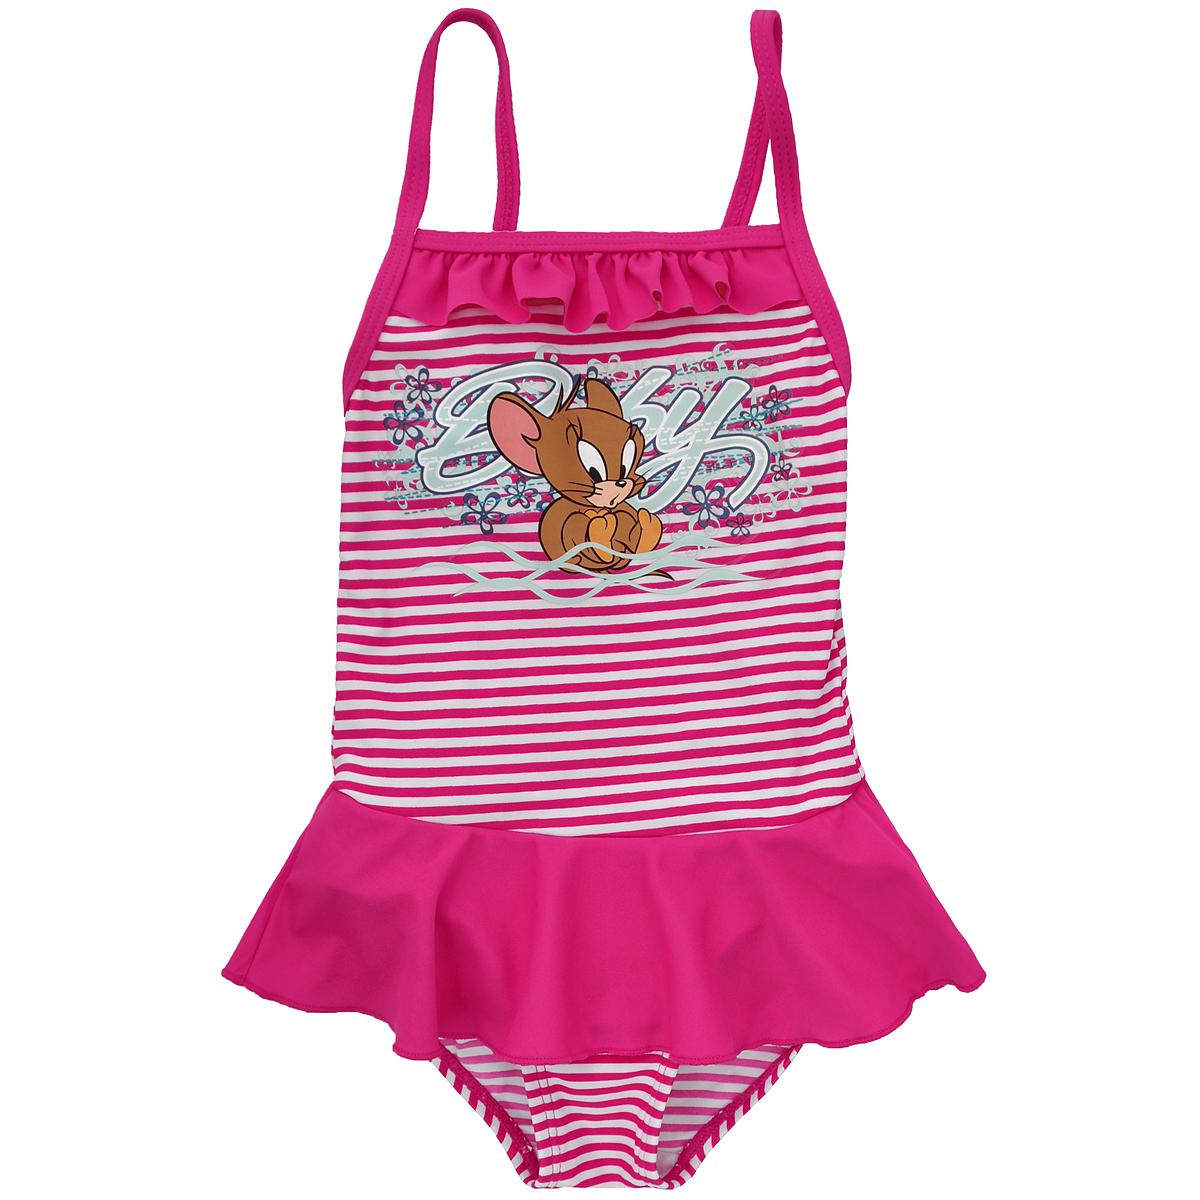 Купальный костюм для девочки Tom and Jerry, цвет: ярко-розовый, белый. K002. Размер 110, 5 летK002Яркий купальный костюм для девочки Tom and Jerry- отличный вариант для летнего отдыха на пляже или в бассейне. Он изготовлен из нейлона и спандекса, благодаря чему позволяет коже ребенка дышать, быстро сохнет и сохраняет первоначальный вид и форму даже при длительном использовании. Он комфортен в носке, даже когда ребенок мокрый.Слитный купальник на тонких бретельках оформлен принтом в полоску и термоаппликацией в виде забавного Джерри. На груди модель декорирована рюшей, а на поясе очаровательной однотонной оборкой, имитирующей юбочку.Такой купальник, несомненно, понравится даже самой маленькой моднице.